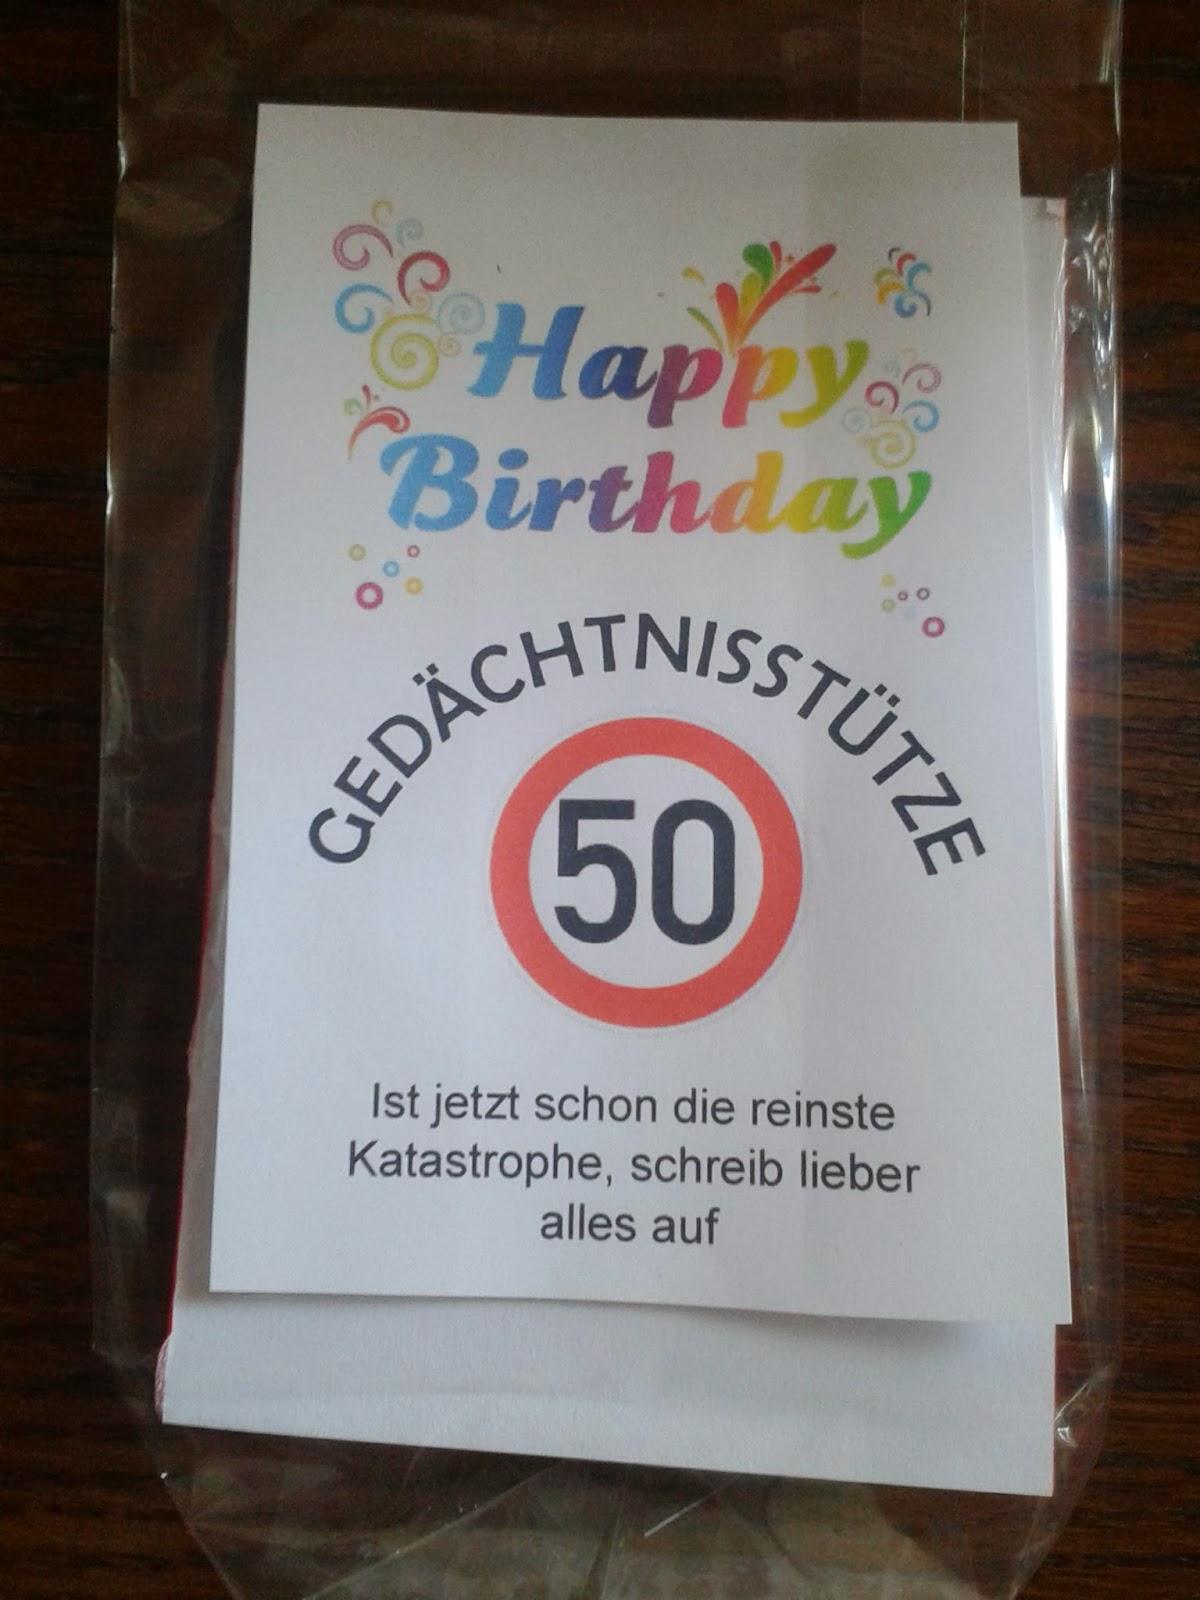 Tinas Wunderwelt: Lustiges Geschenk zum 50. Geburtstag!